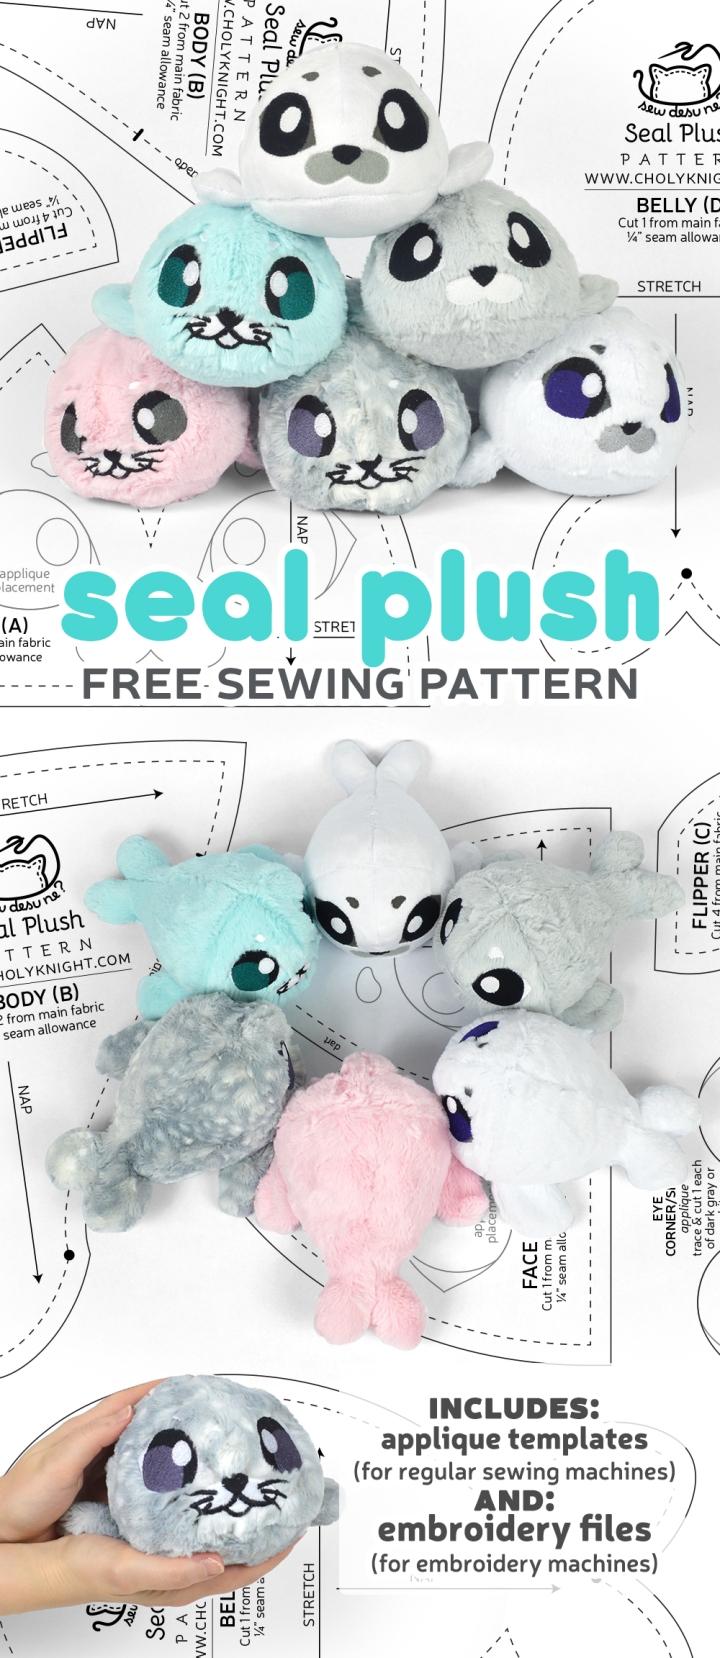 Seal Plush Sewing Pattern